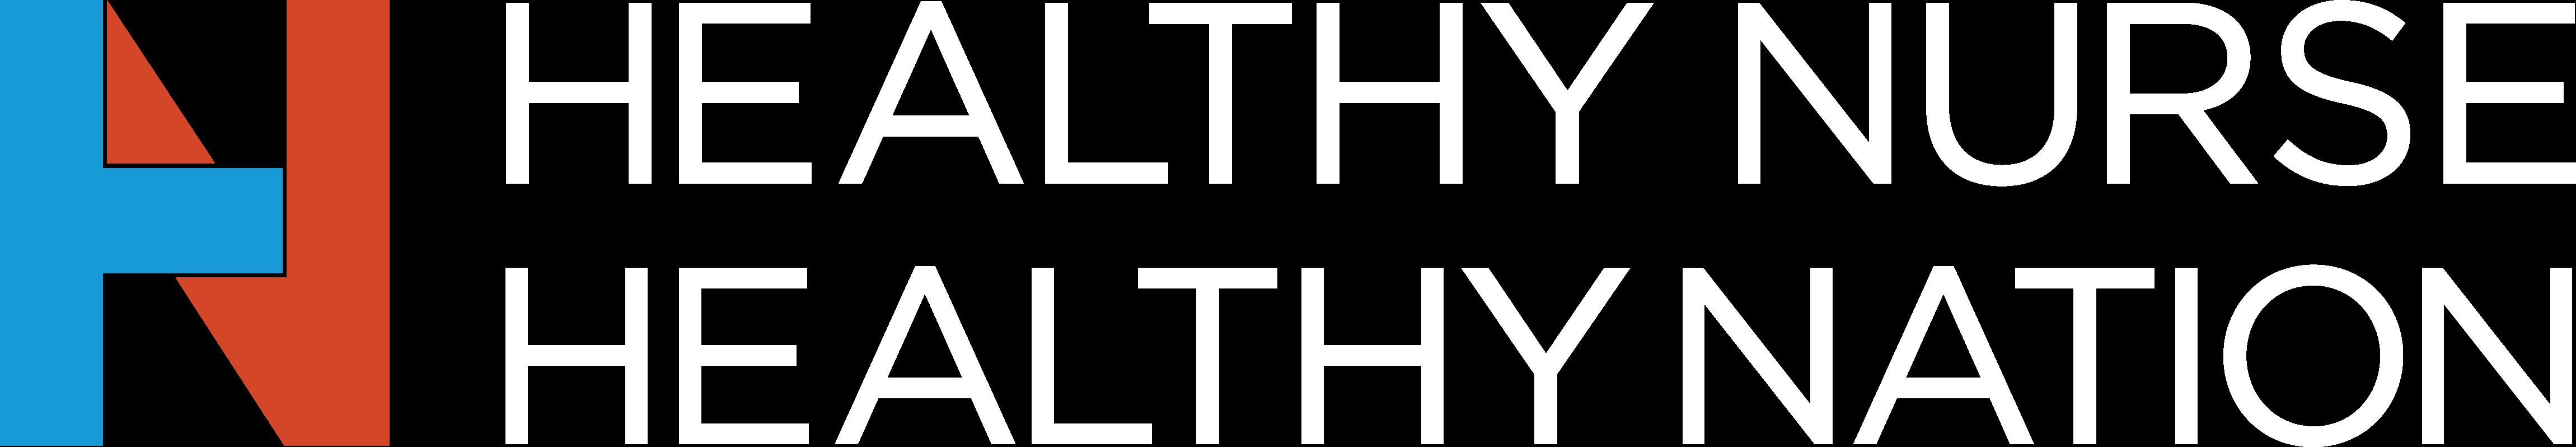 Healthy Nurse, Healthy Nation™